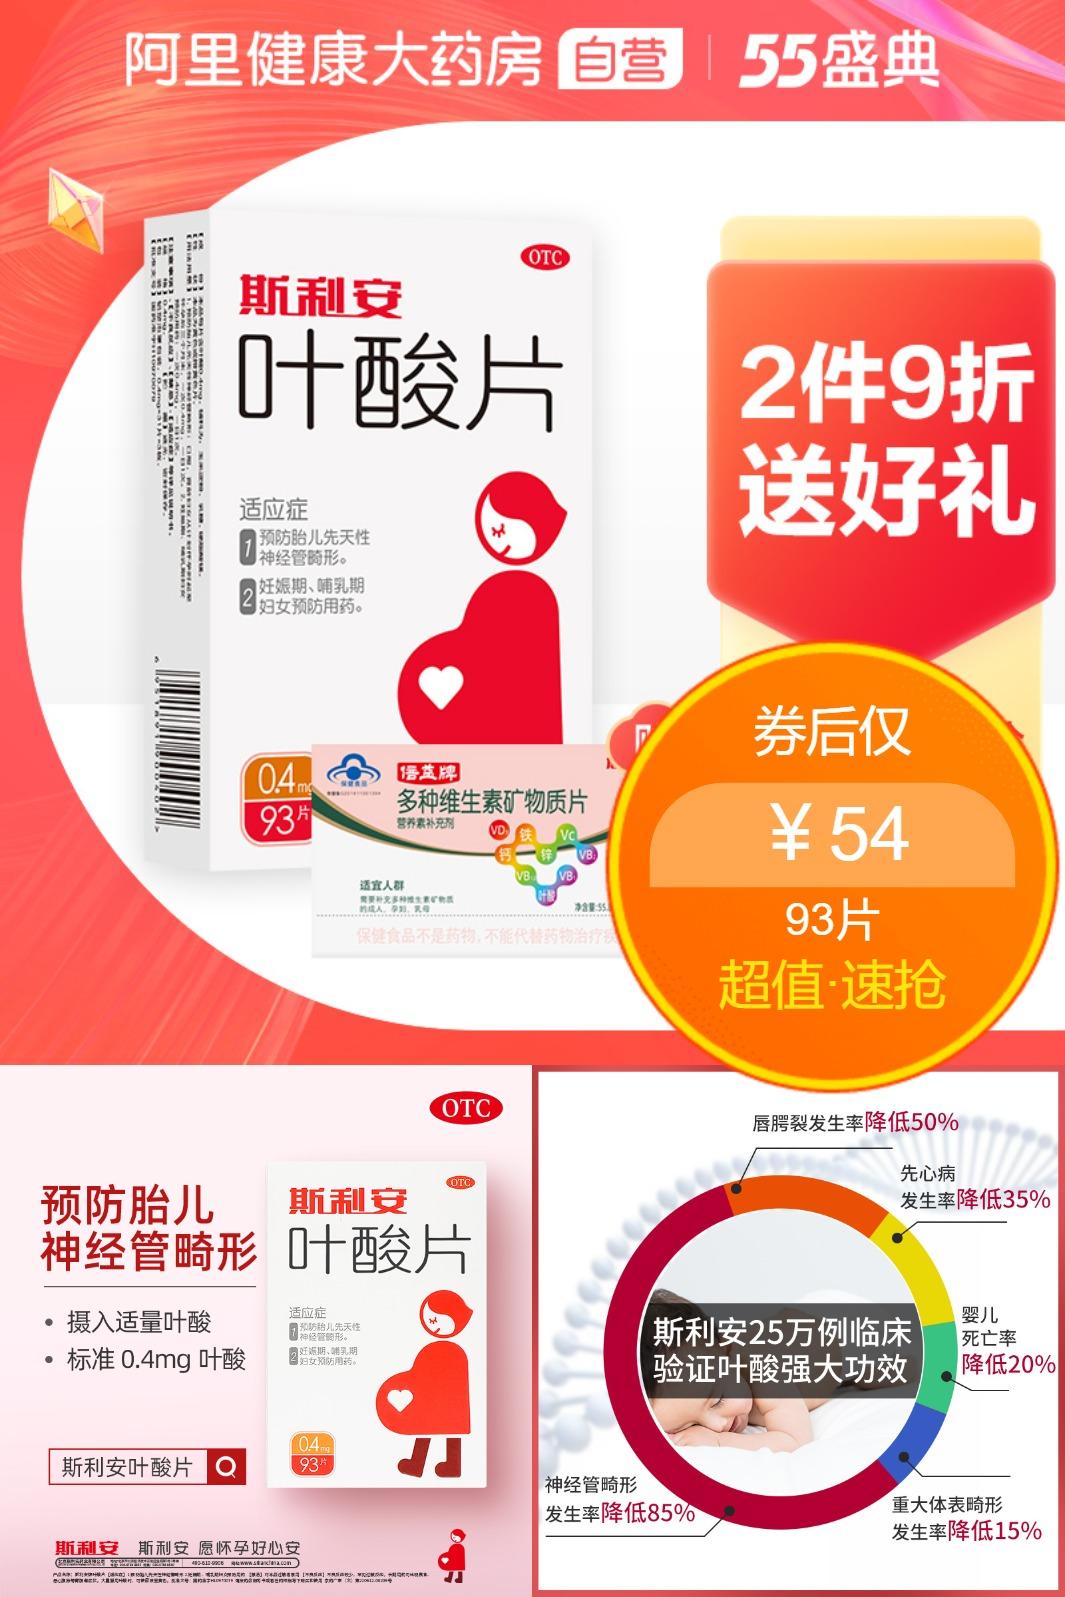 【斯利安】孕妇孕期备孕叶酸片*93片价格/报价_券后54元包邮